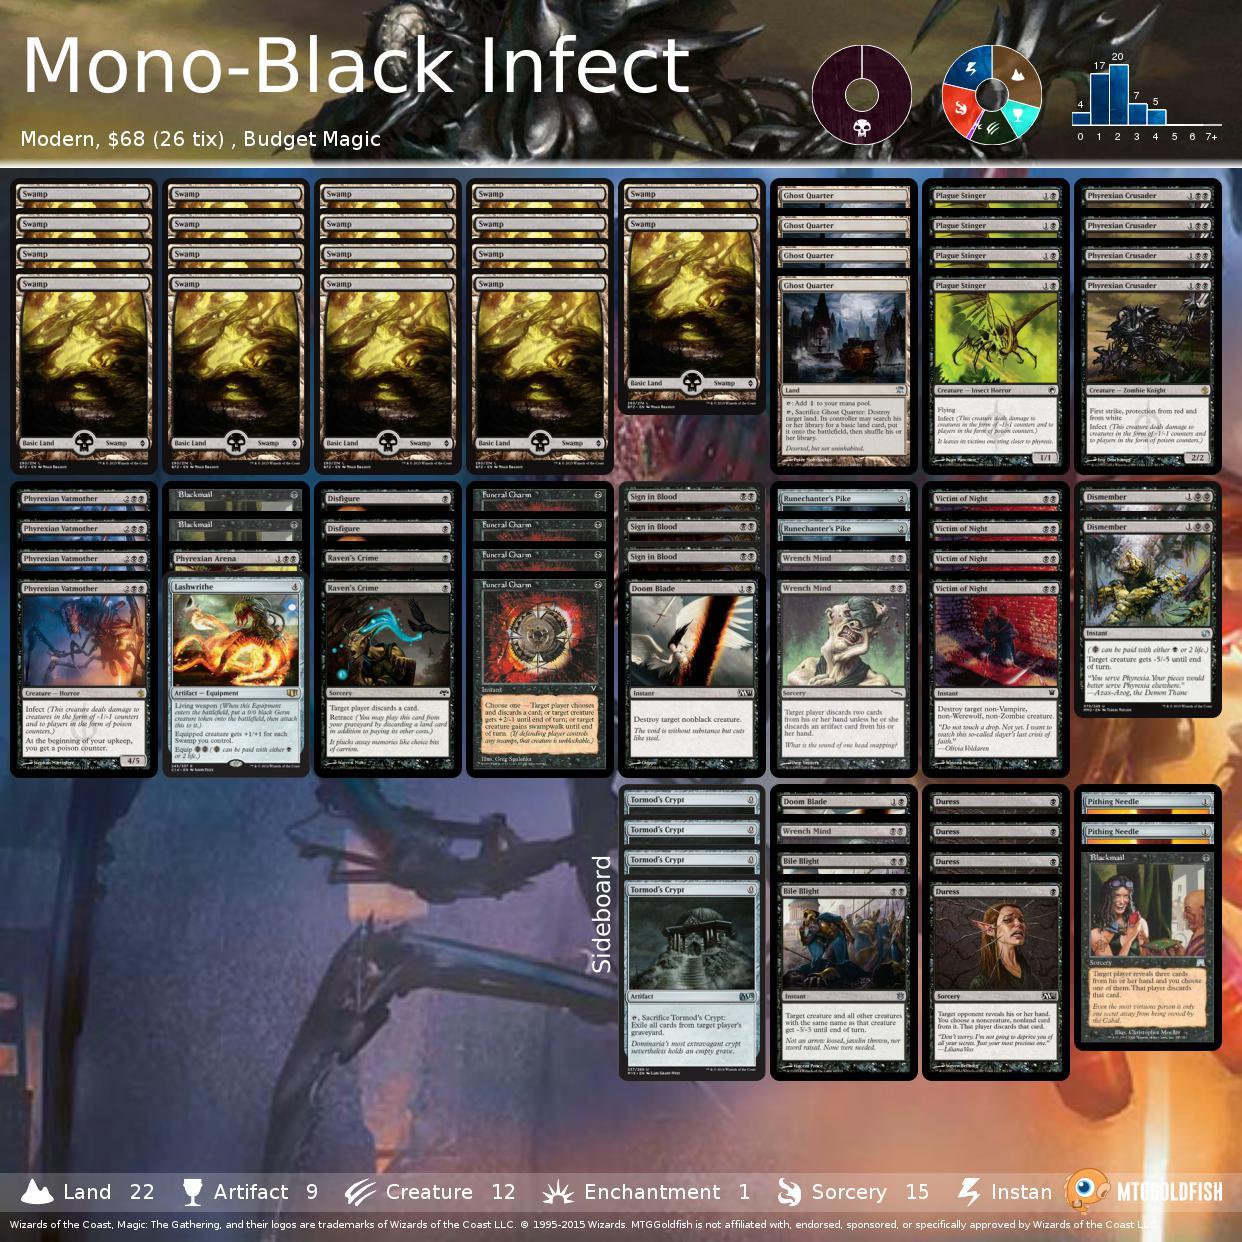 Mono black%2binfect 3beb02d5 42ad 44fa 81f0 1819db1cf43a